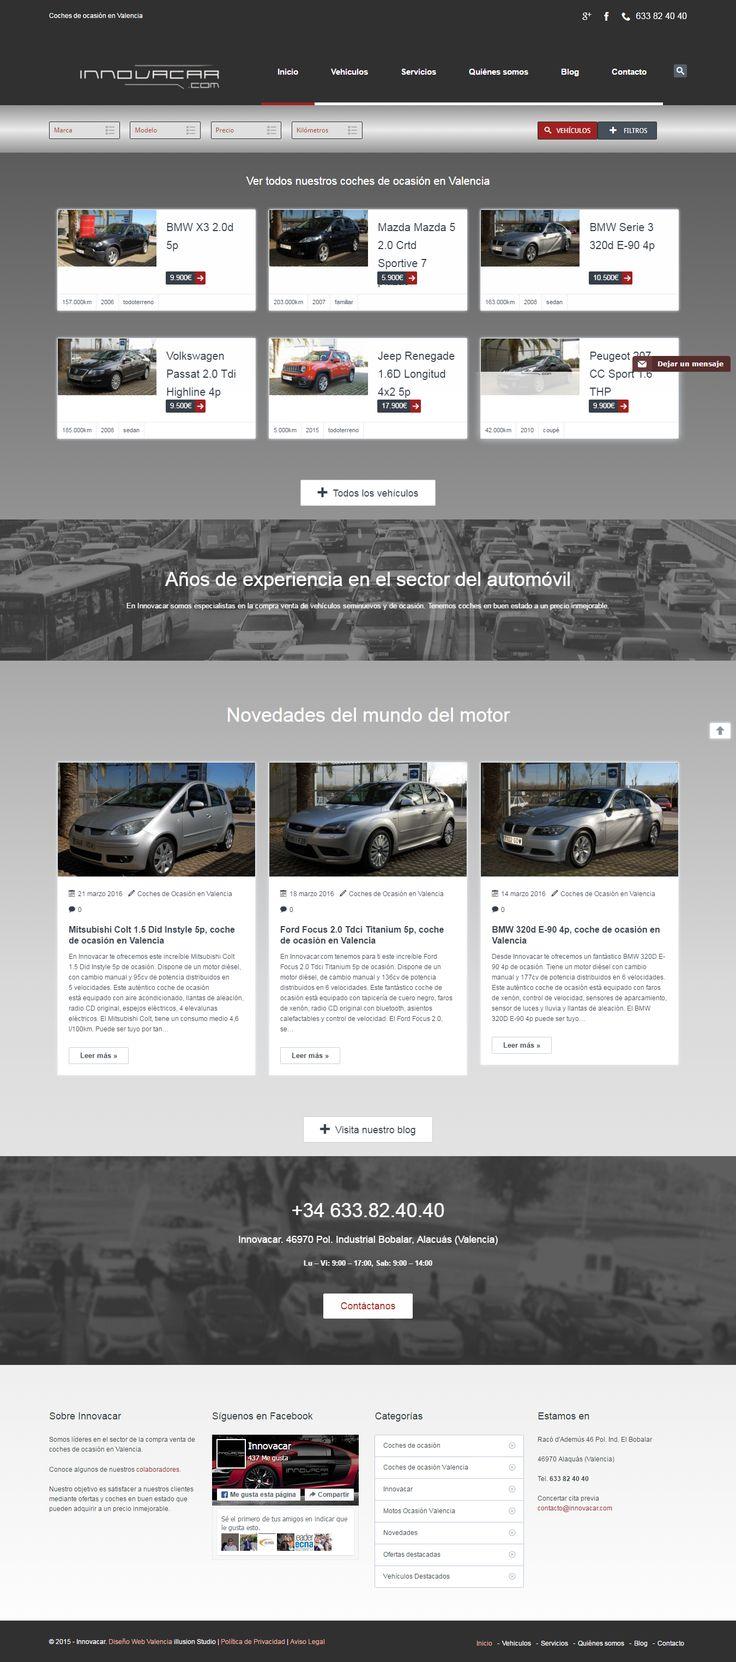 En este nuevo #diseño #web de la página de innovacar encontrarás una sección destacada de ciertos coches de ocasión pero se mantendrán las diversas secciones entre las que encontrarás información sobre su empresa, sus vehículos y un blog con entradas sobre distintos coches y motos.